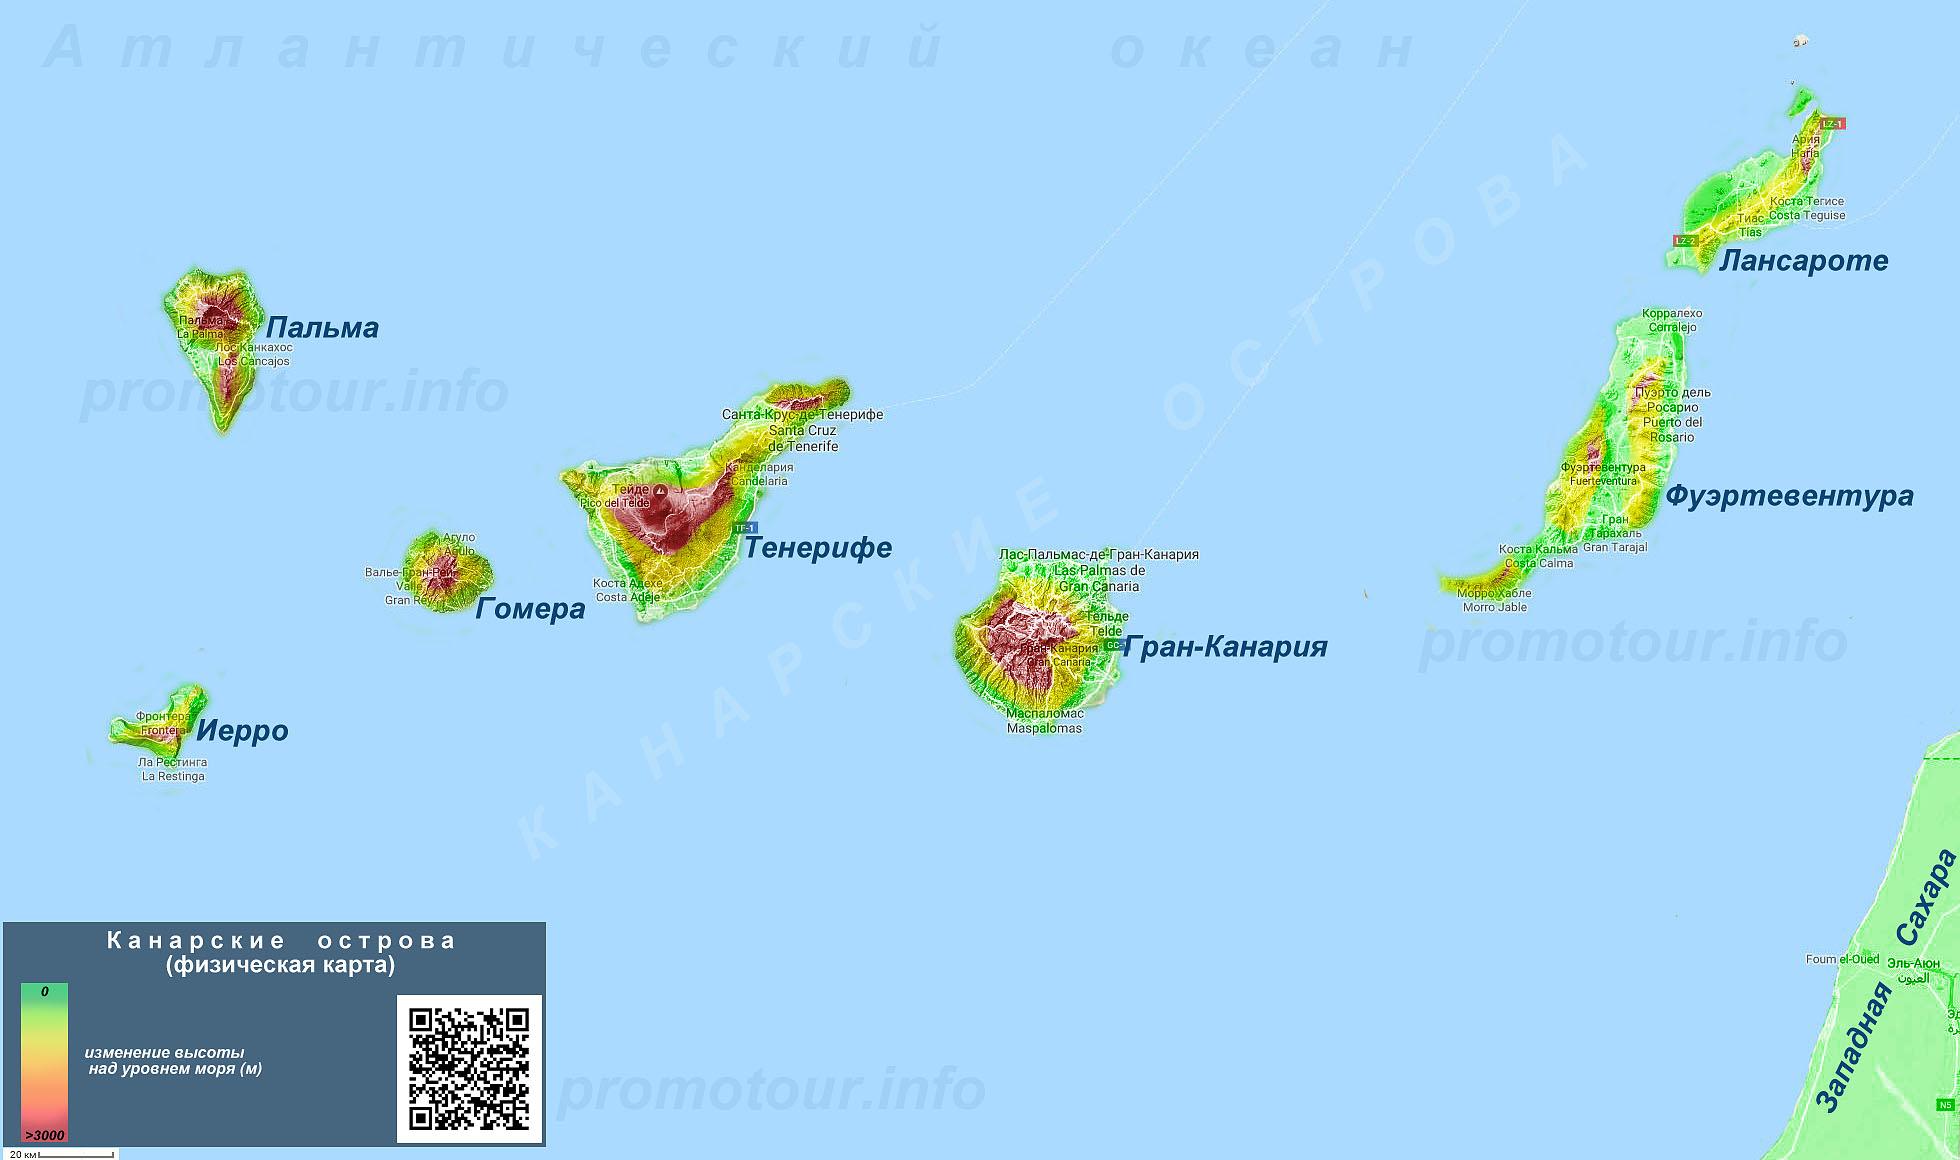 Физическая карта Канарских островов (основные природные зоны)